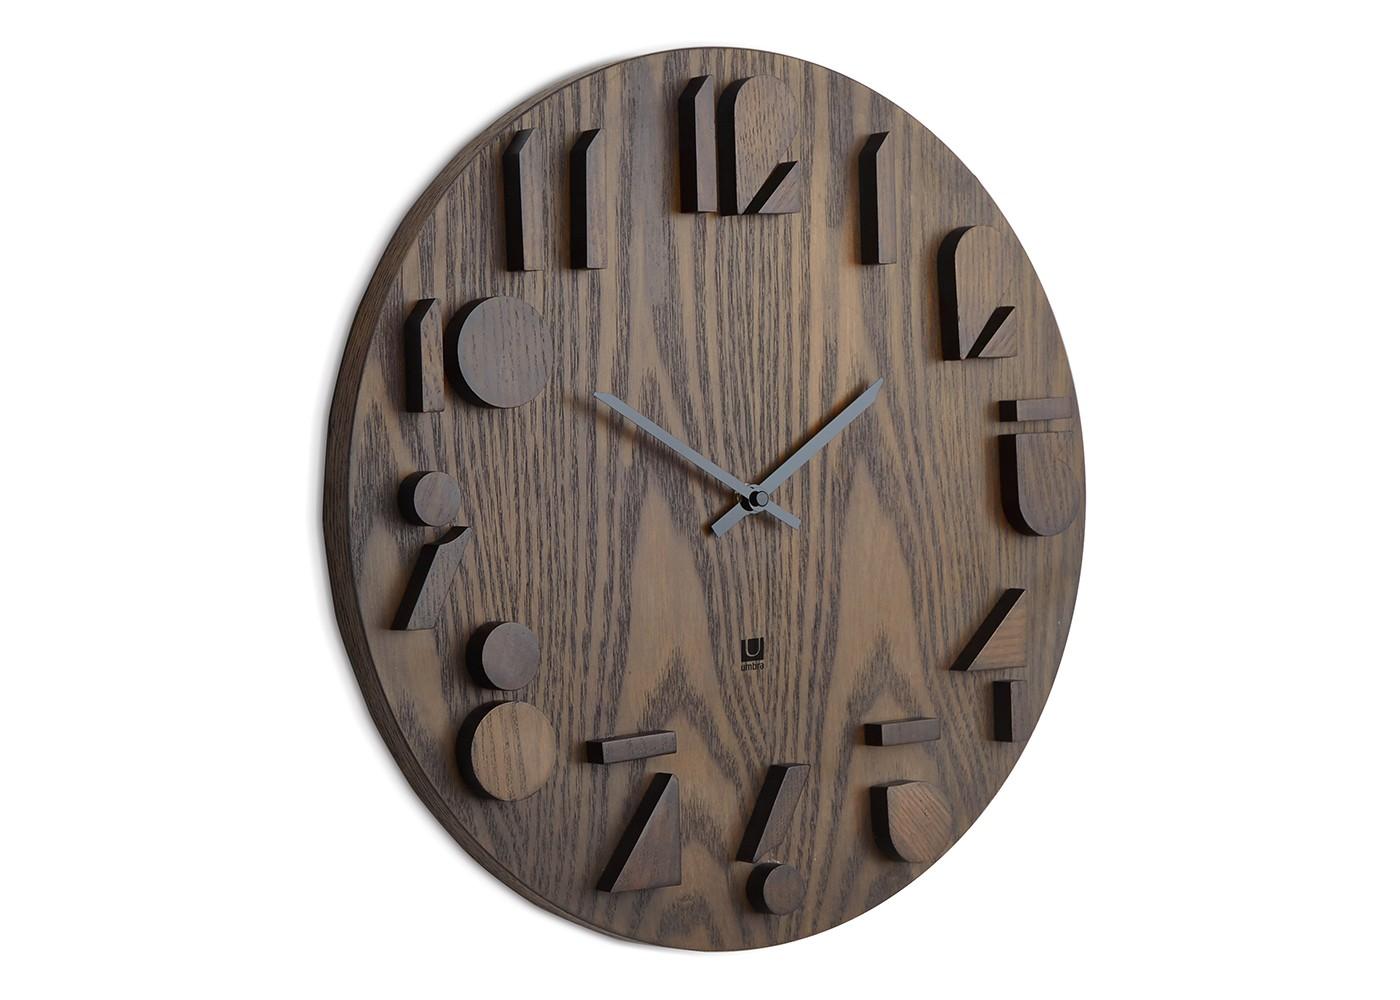 Часы настенные ShadowНастенные часы<br>Оригинальные часы с деревянным циферблатом из окрашенного в тёмный цвет натурального дерева. Объемные цифры выполнены из того же материала, что и основание, а их грани подкрашены темным цветом, что создает необычный эффект светотени. Бесшумный ход. Работают от одной стандартной батарейки АА (в комплект не входит).&amp;lt;div&amp;gt;&amp;lt;br&amp;gt;&amp;lt;/div&amp;gt;&amp;lt;div&amp;gt;Дизайн: Alan Wisniewski&amp;lt;/div&amp;gt;<br><br>Material: Дерево<br>Depth см: 2,5<br>Diameter см: 40,5